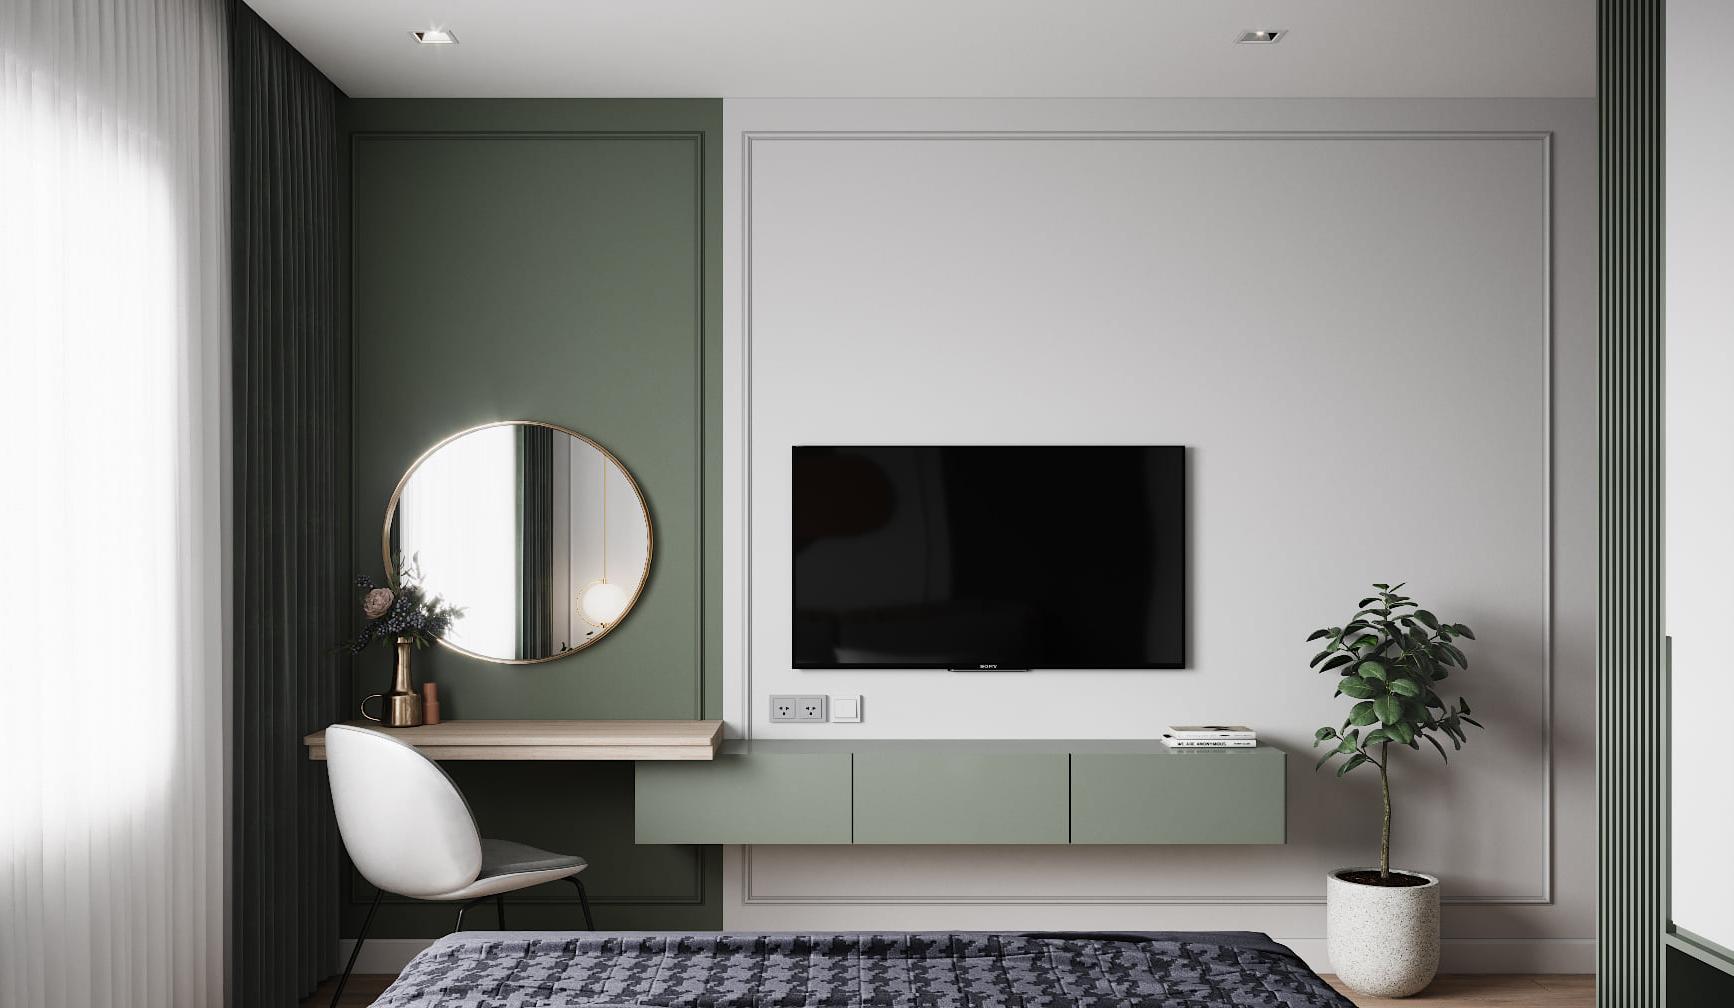 Cách lựa chọn nội thất thông minh cho căn hộ diện tích nhỏ